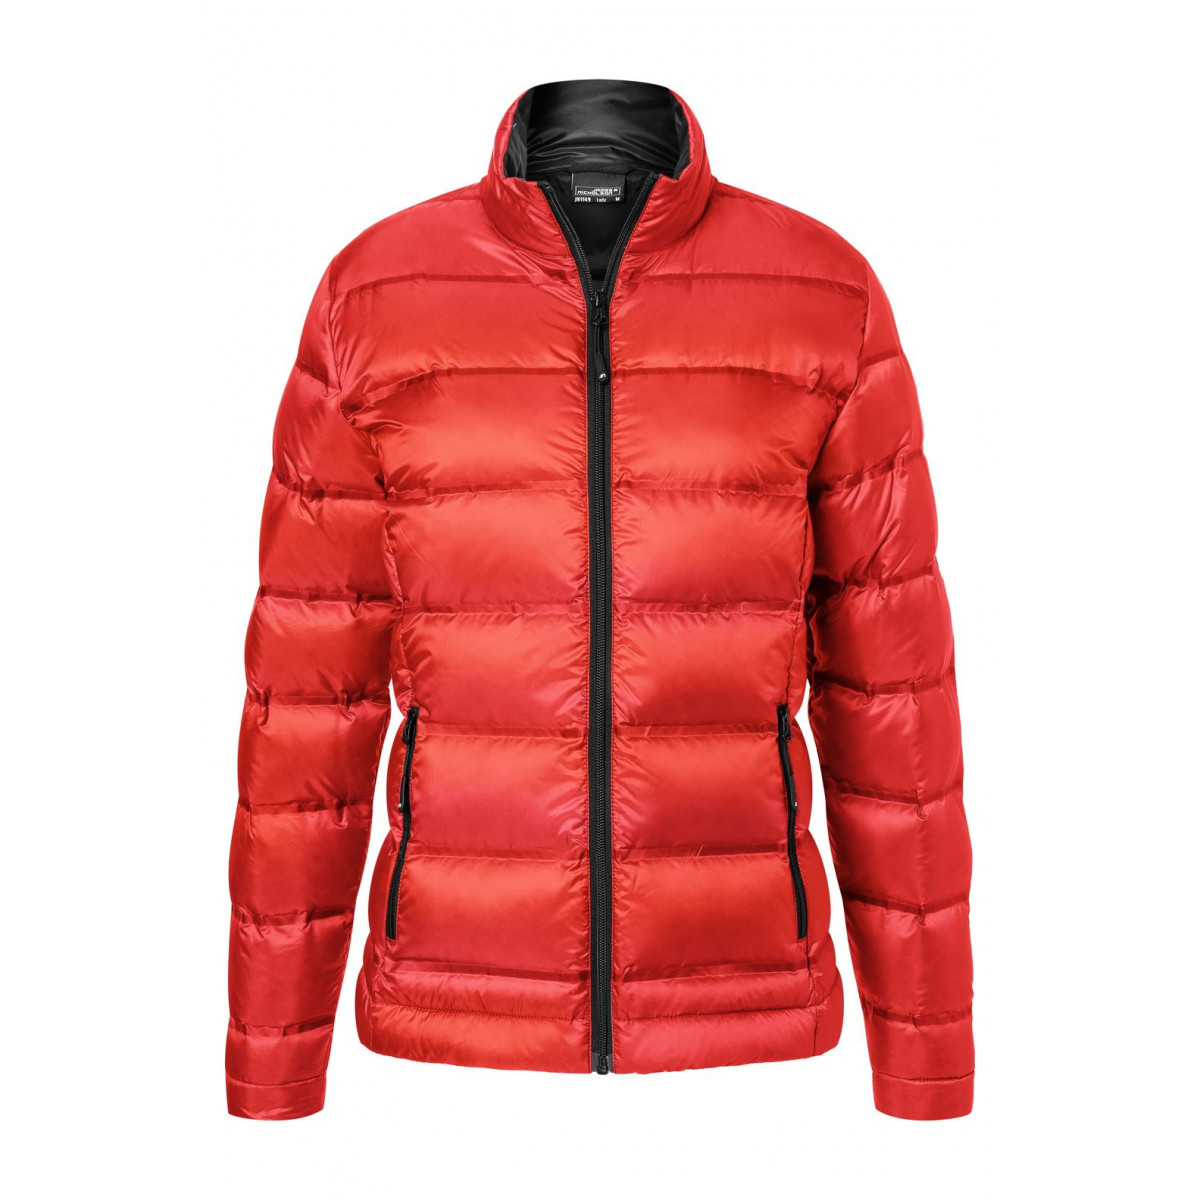 Куртка женская JN1149 Ladies Down Jacket - Ярко-красный/Черный